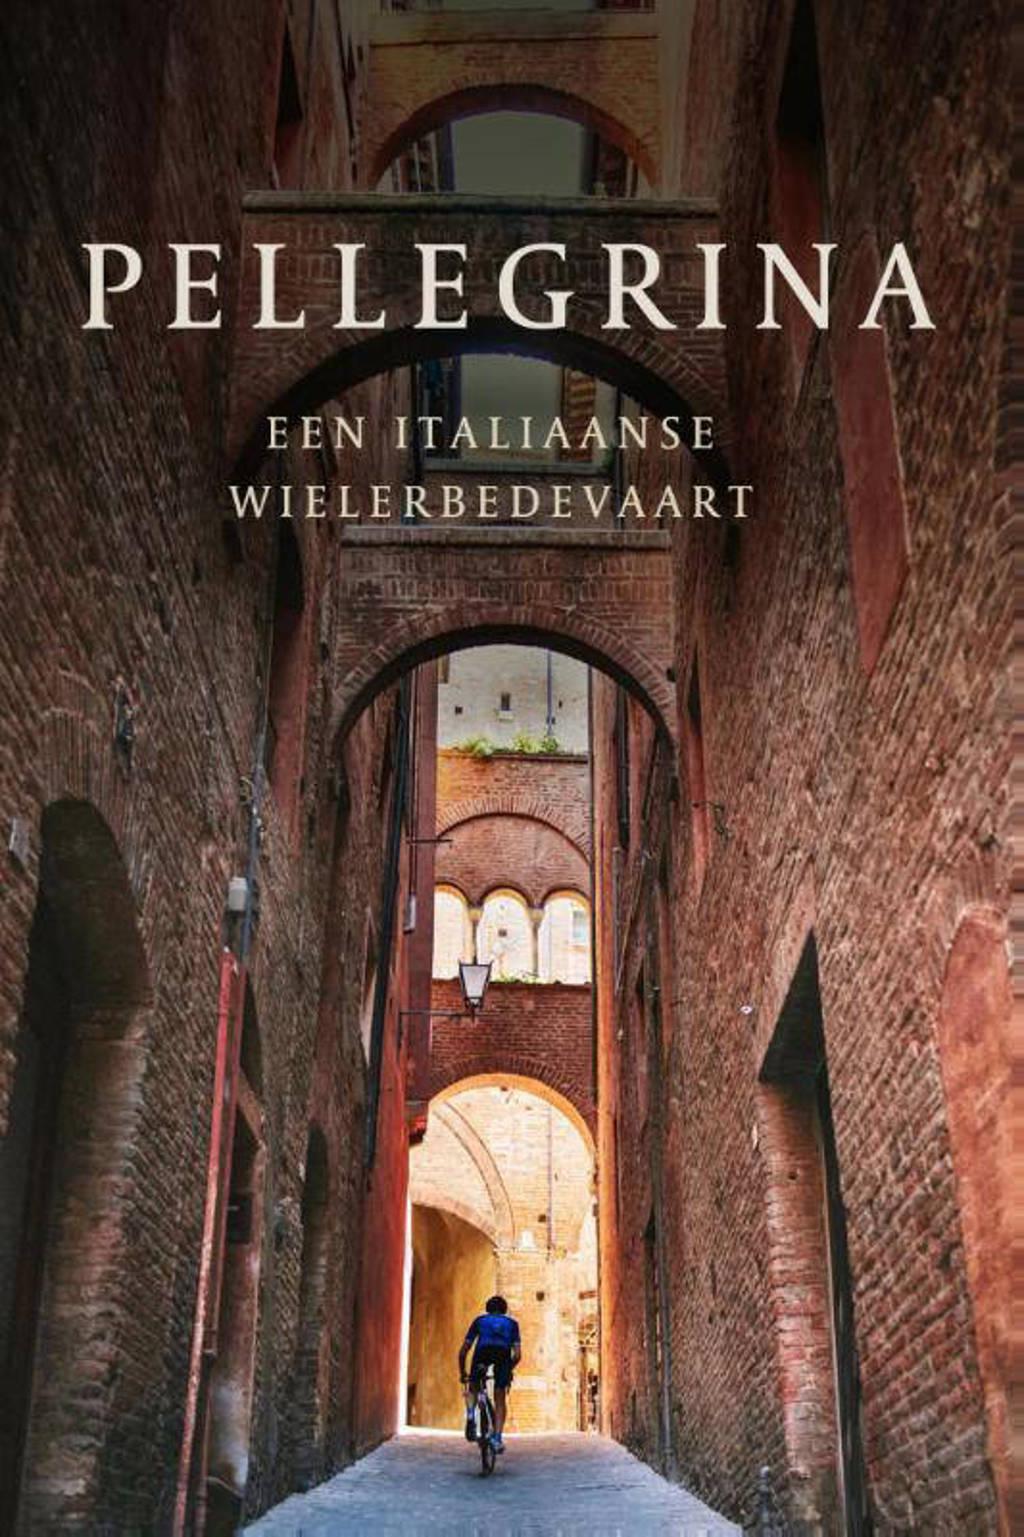 Pellegrina - Lidewey van Noord en Robert Jan van Noort